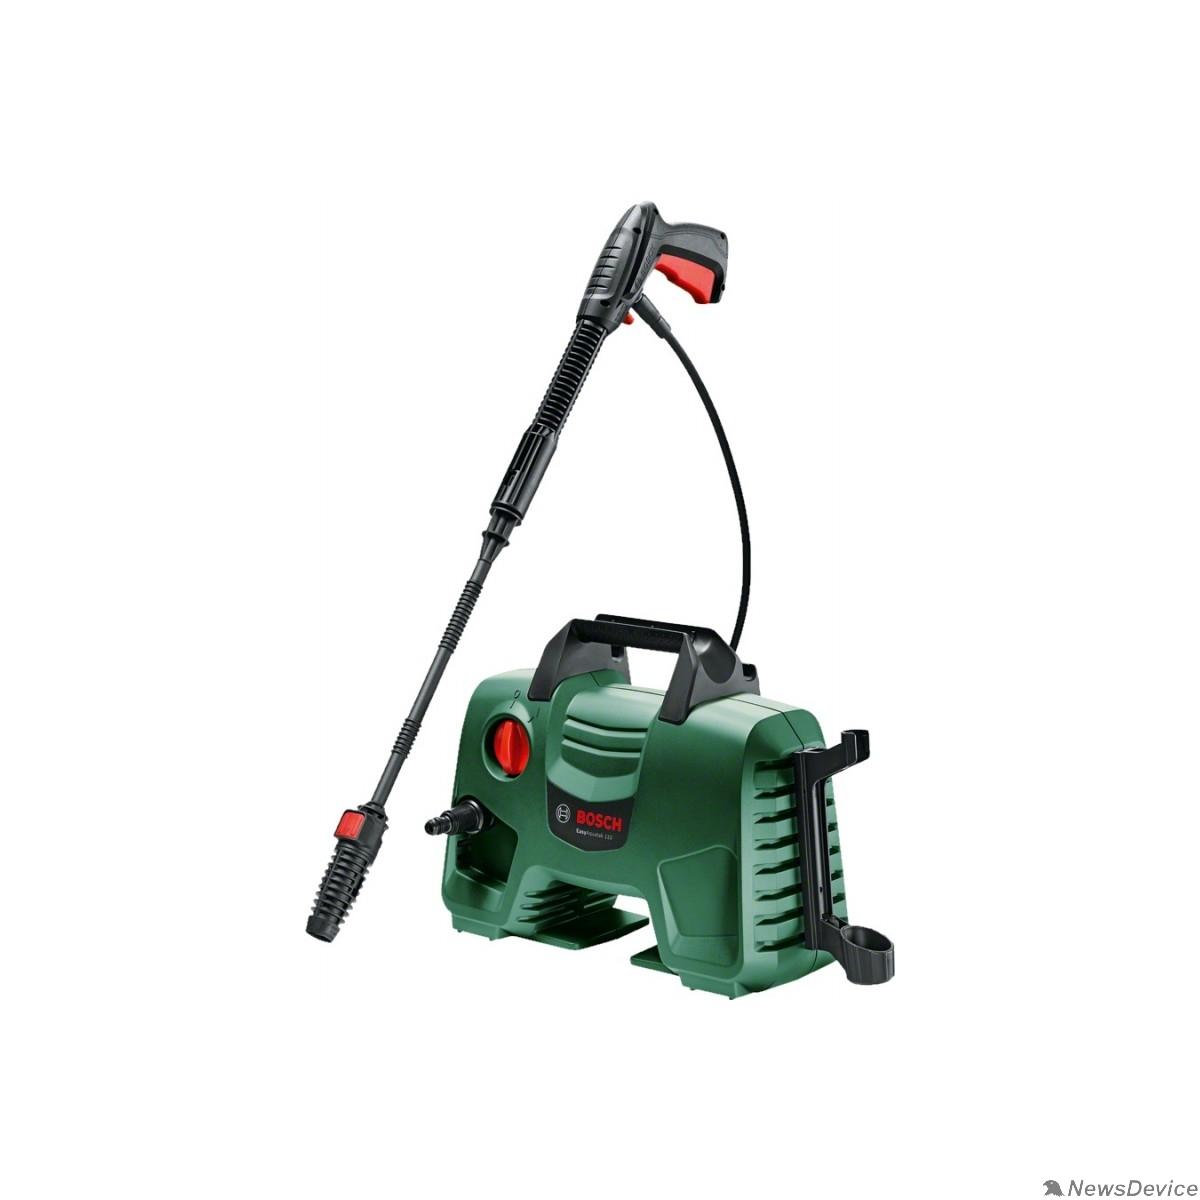 Мойки Bosch EasyAquatak 110 Мойка высокого давления 06008A7F00  220-230 В, 110 бар, 330 л/час